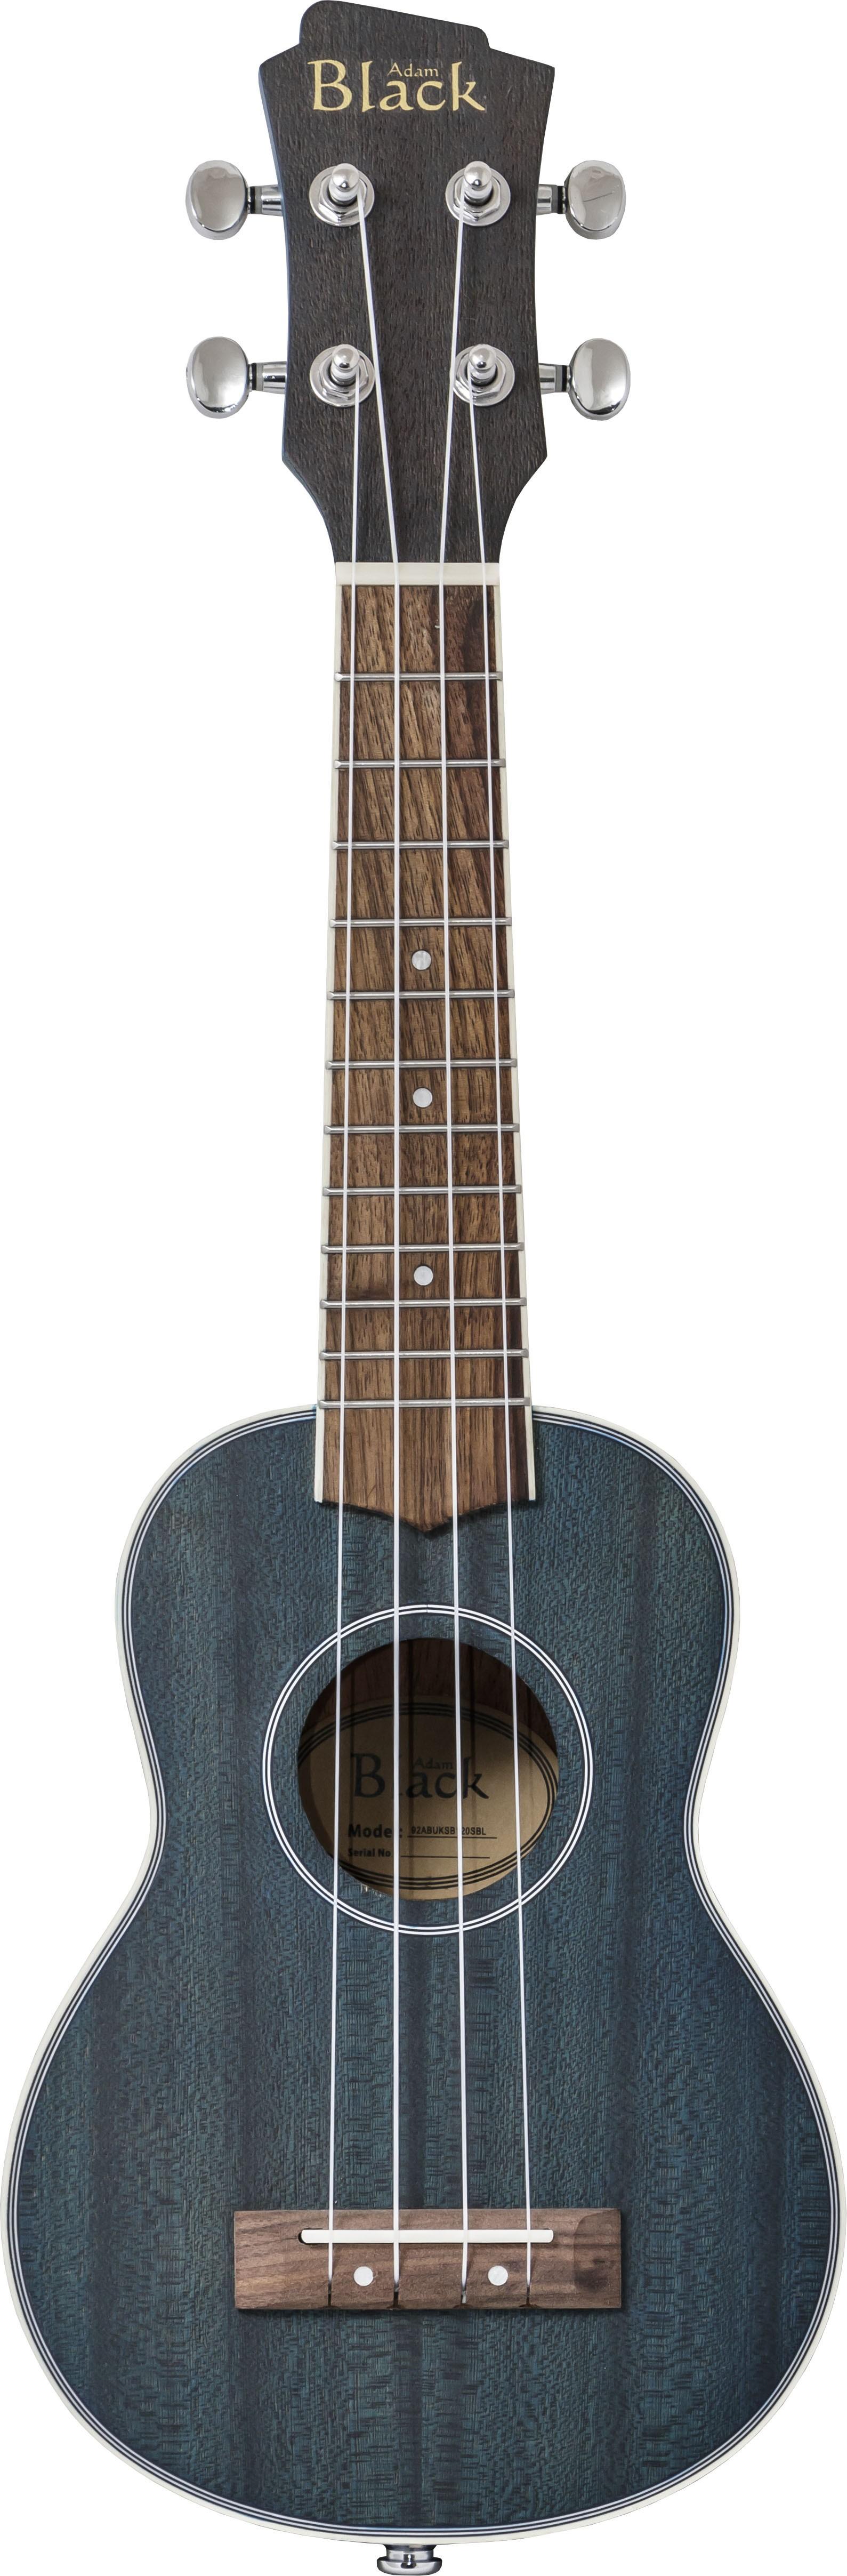 Adam Black SB120 Electro Soprano Ukulele - Trans Blue